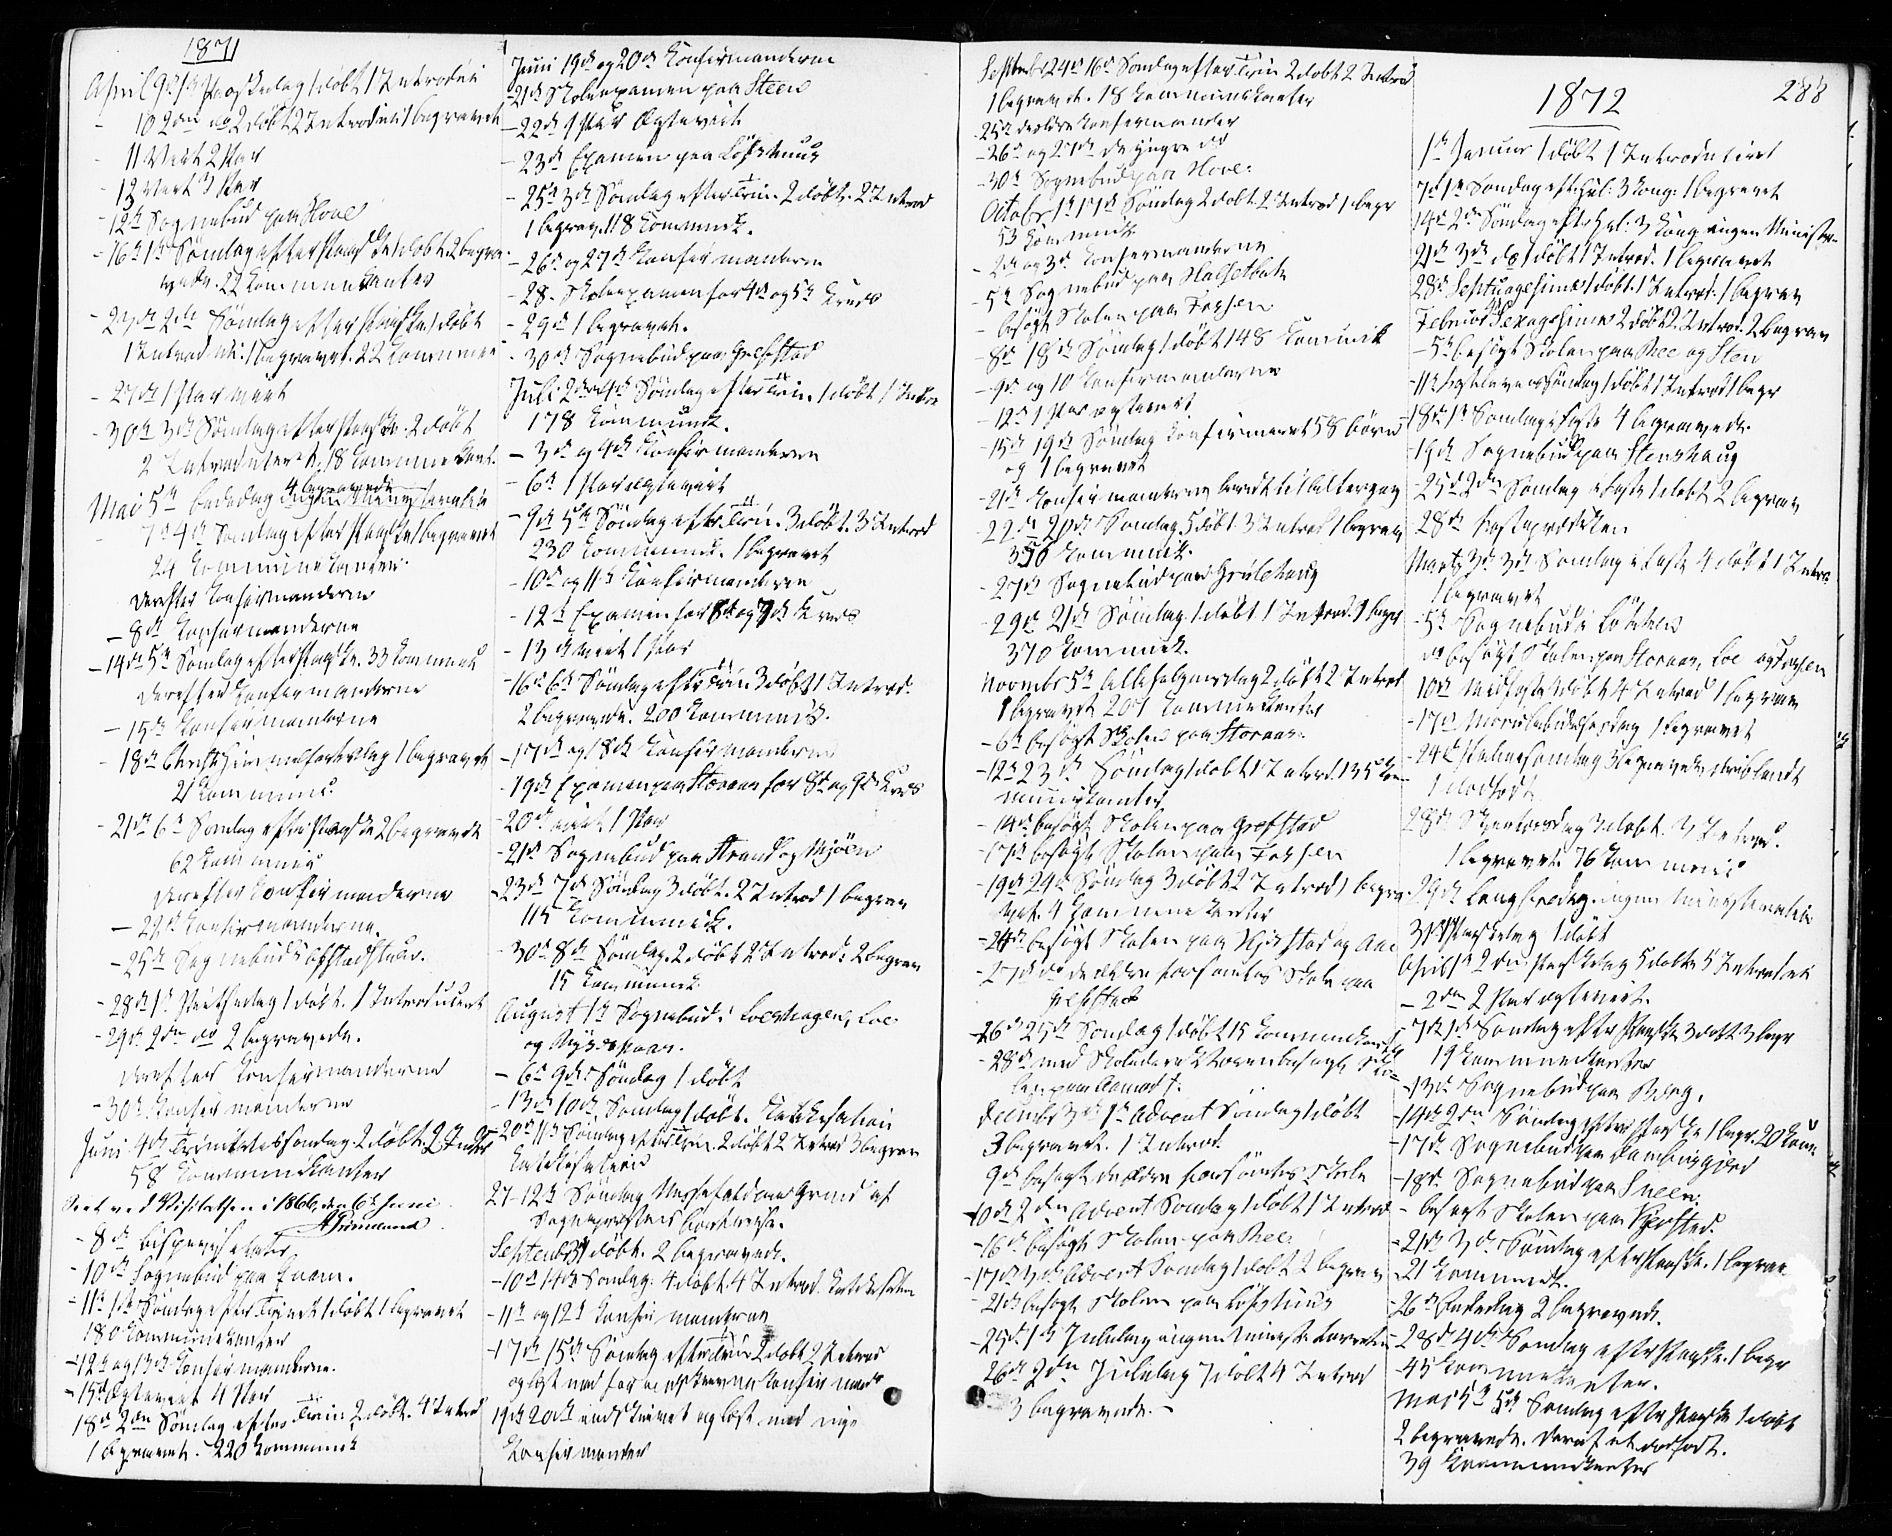 SAT, Ministerialprotokoller, klokkerbøker og fødselsregistre - Sør-Trøndelag, 672/L0856: Ministerialbok nr. 672A08, 1861-1881, s. 288